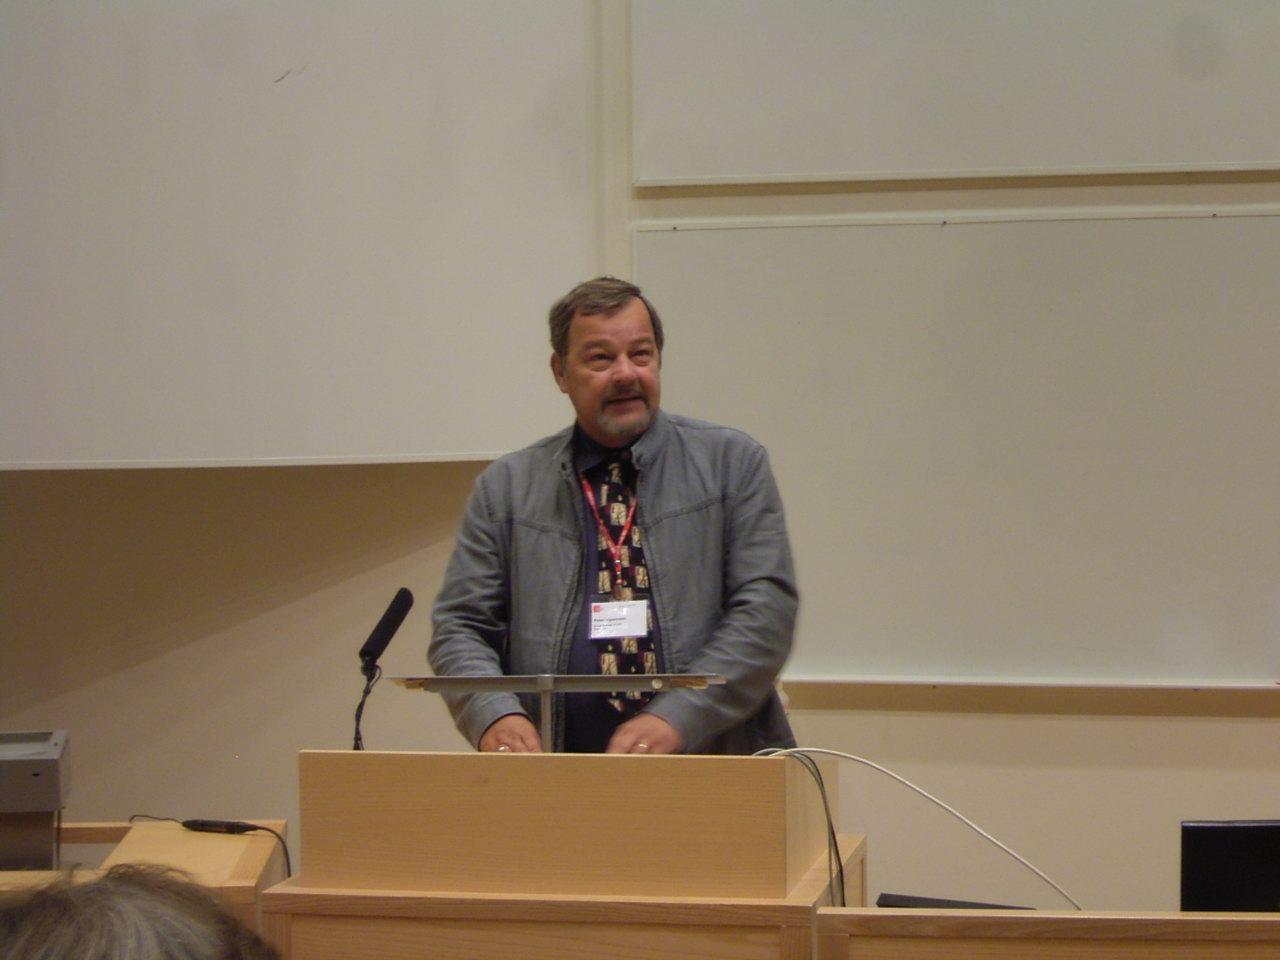 image of Peter Ingwersen